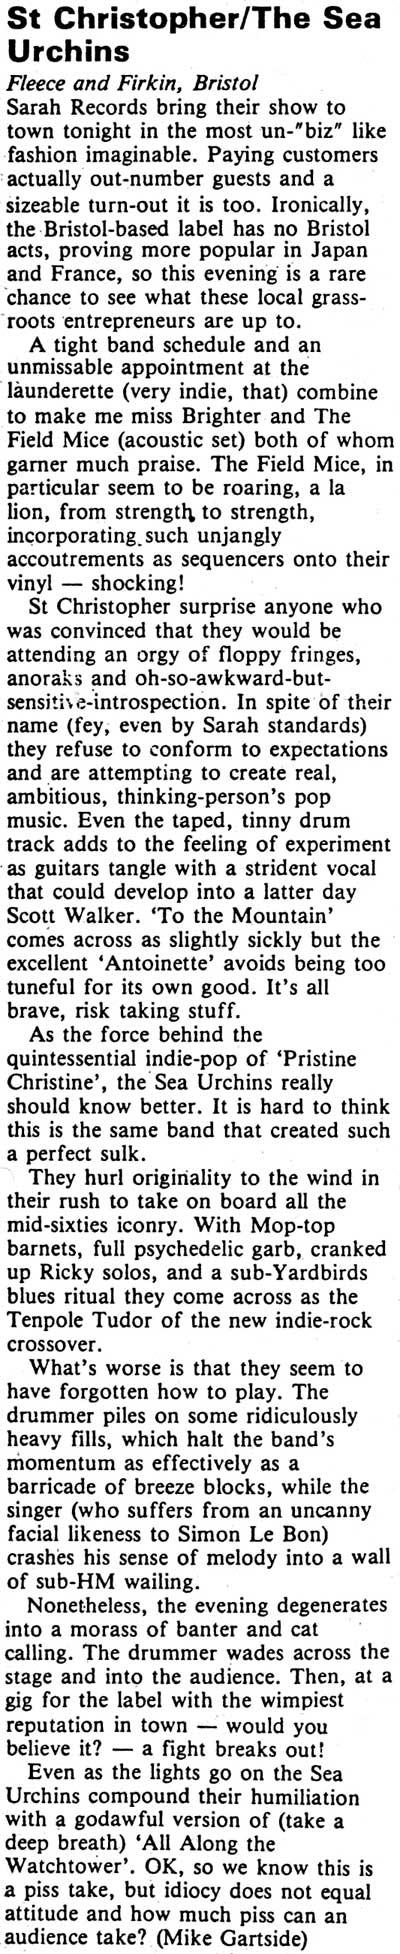 Sea Urchins & St Christopher @ The Fleece & Firkin